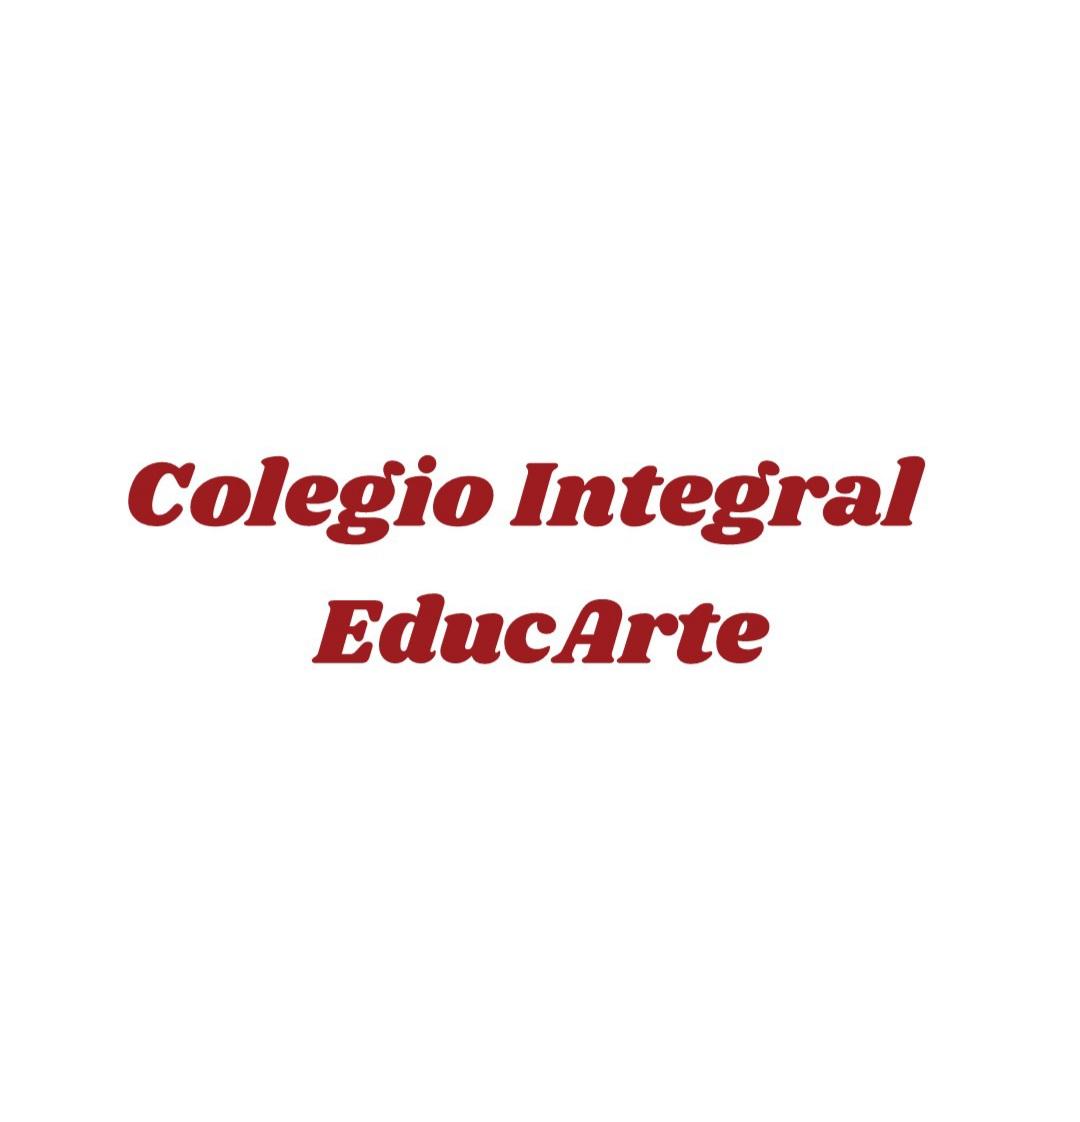 Colegio Integral EducArte